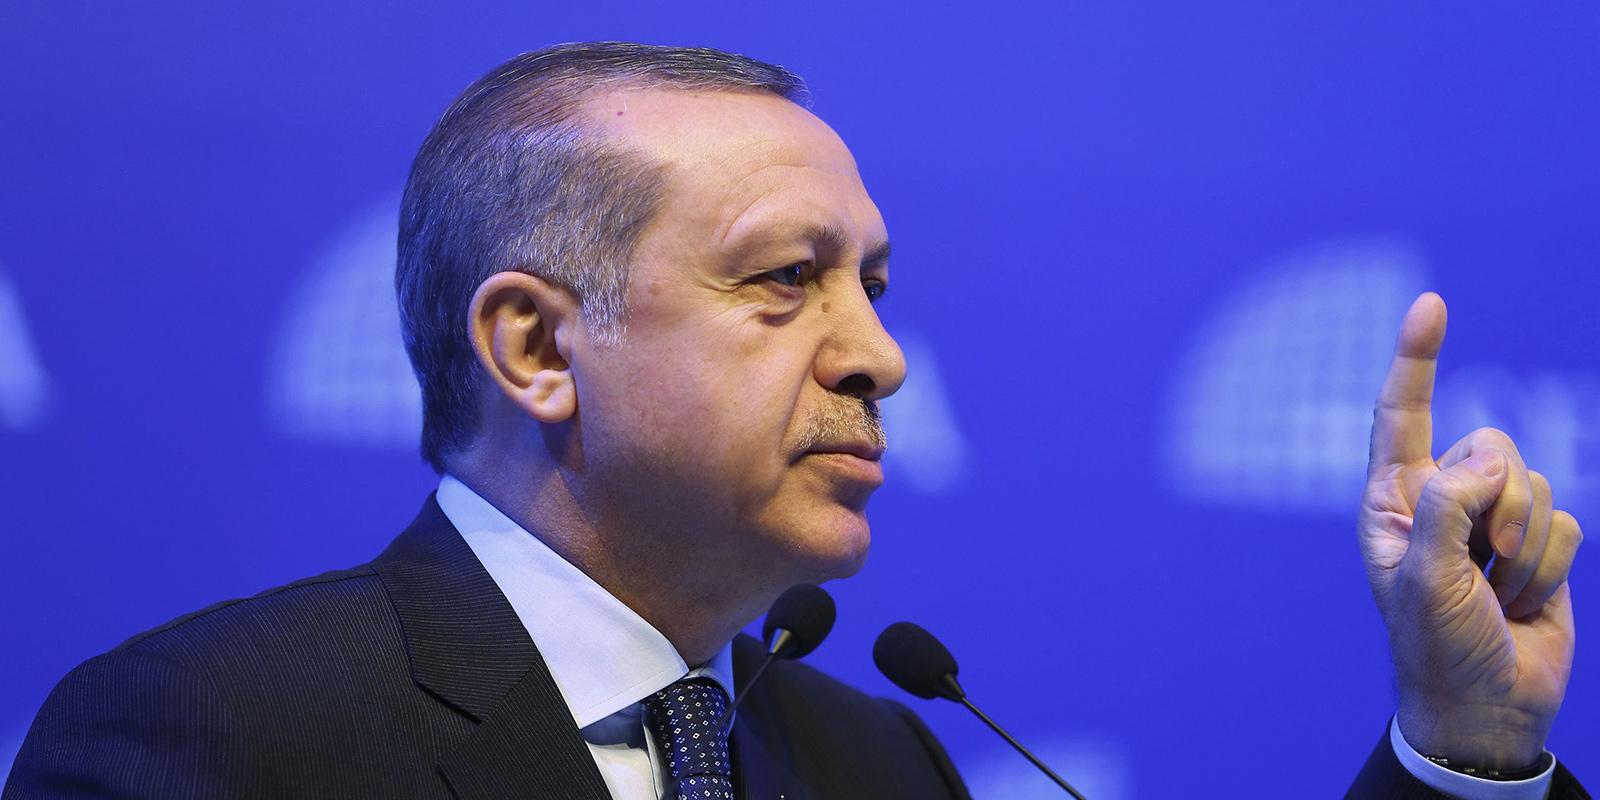 SON DAKİKA: Cumhurbaşkanı Erdoğan'dan yerli aşı ve yeni anayasa açıklaması